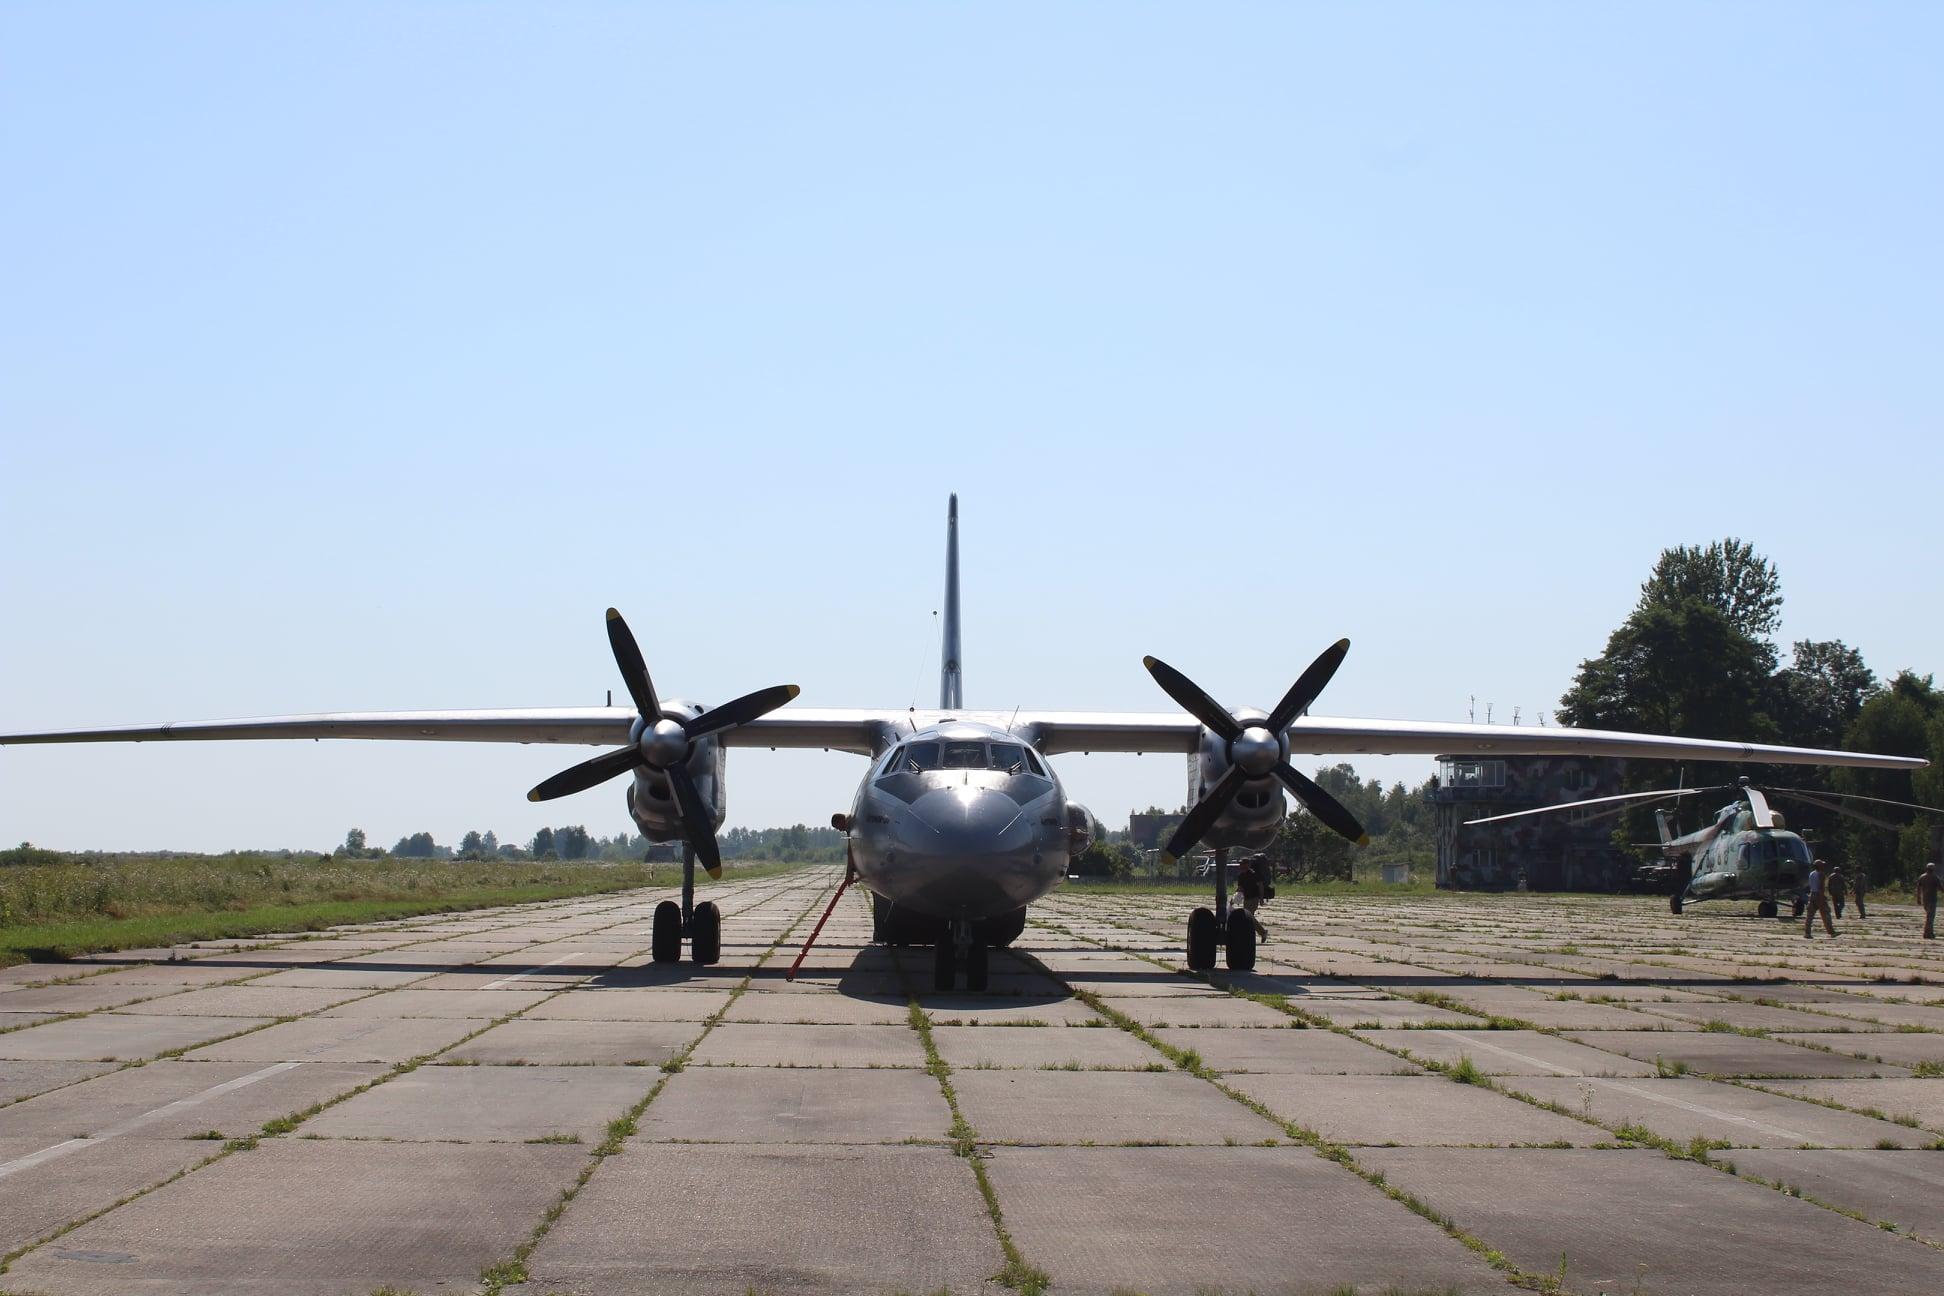 Коломийські авіатори відзначають 15-річчя військової частини. Історія летовища (ФОТО)